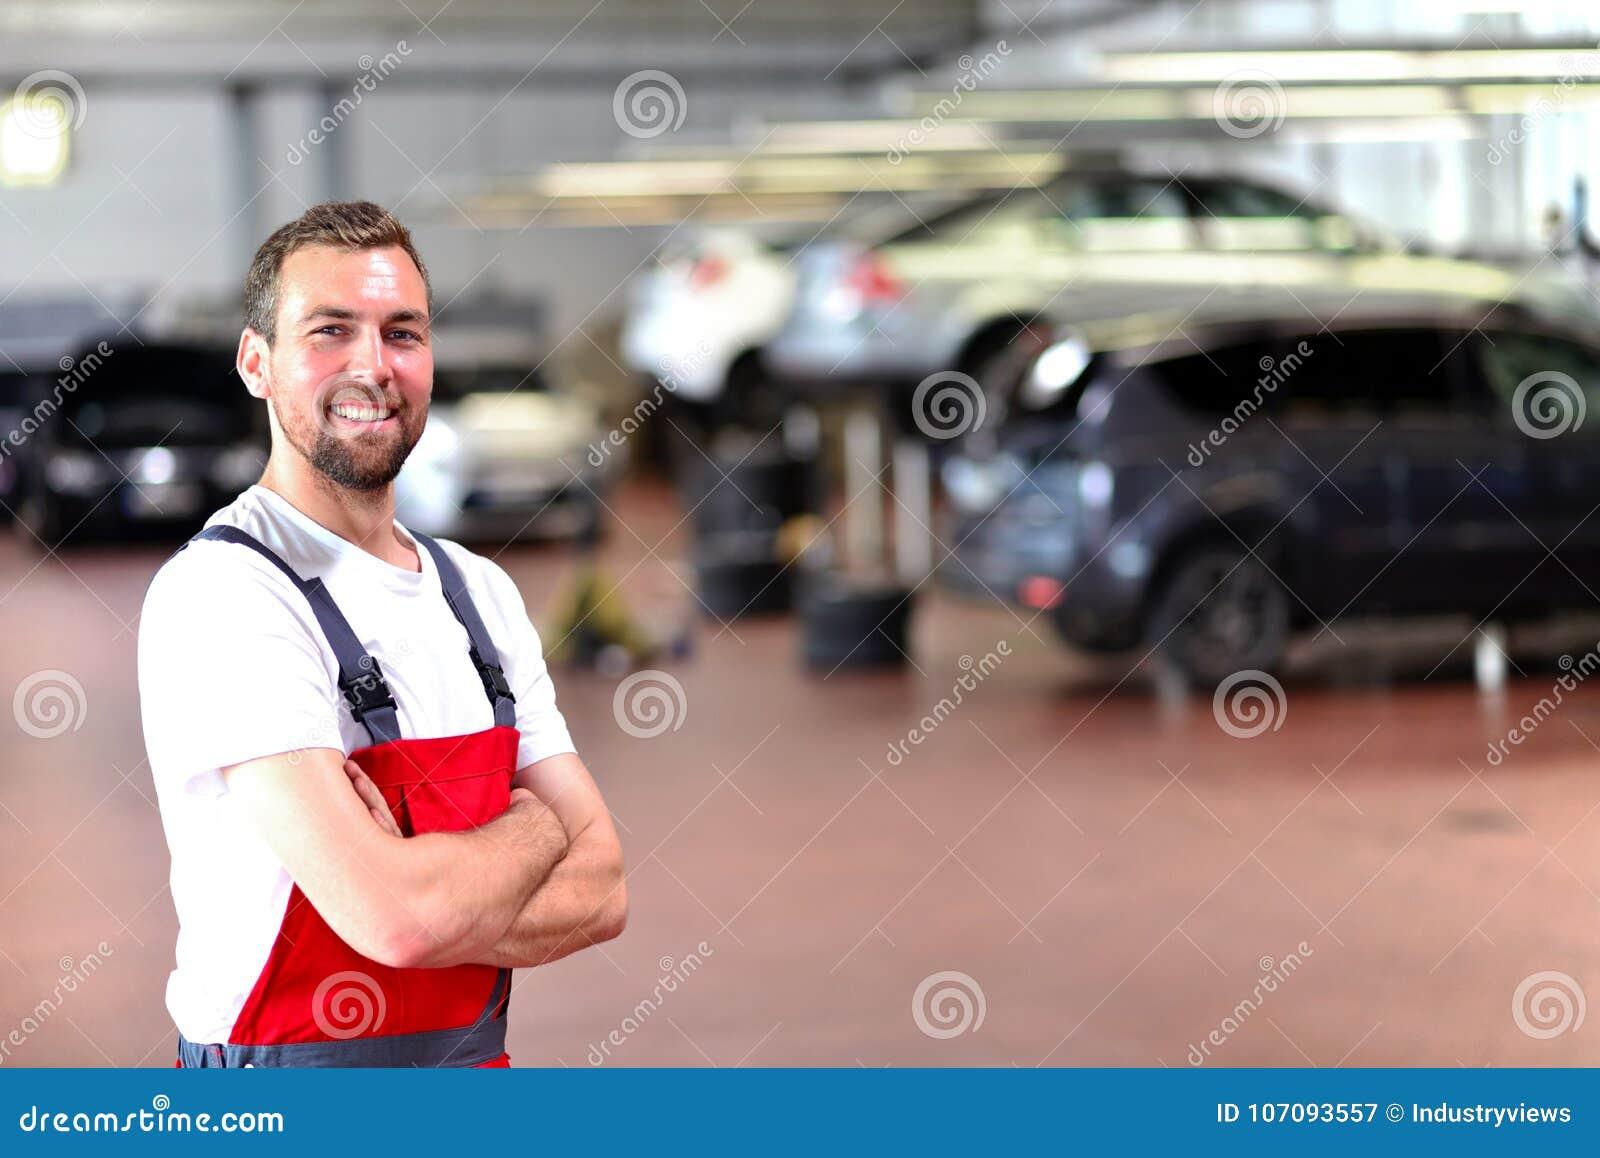 Mekanikern i en bilreparation shoppar - diagnosen och att felsöka